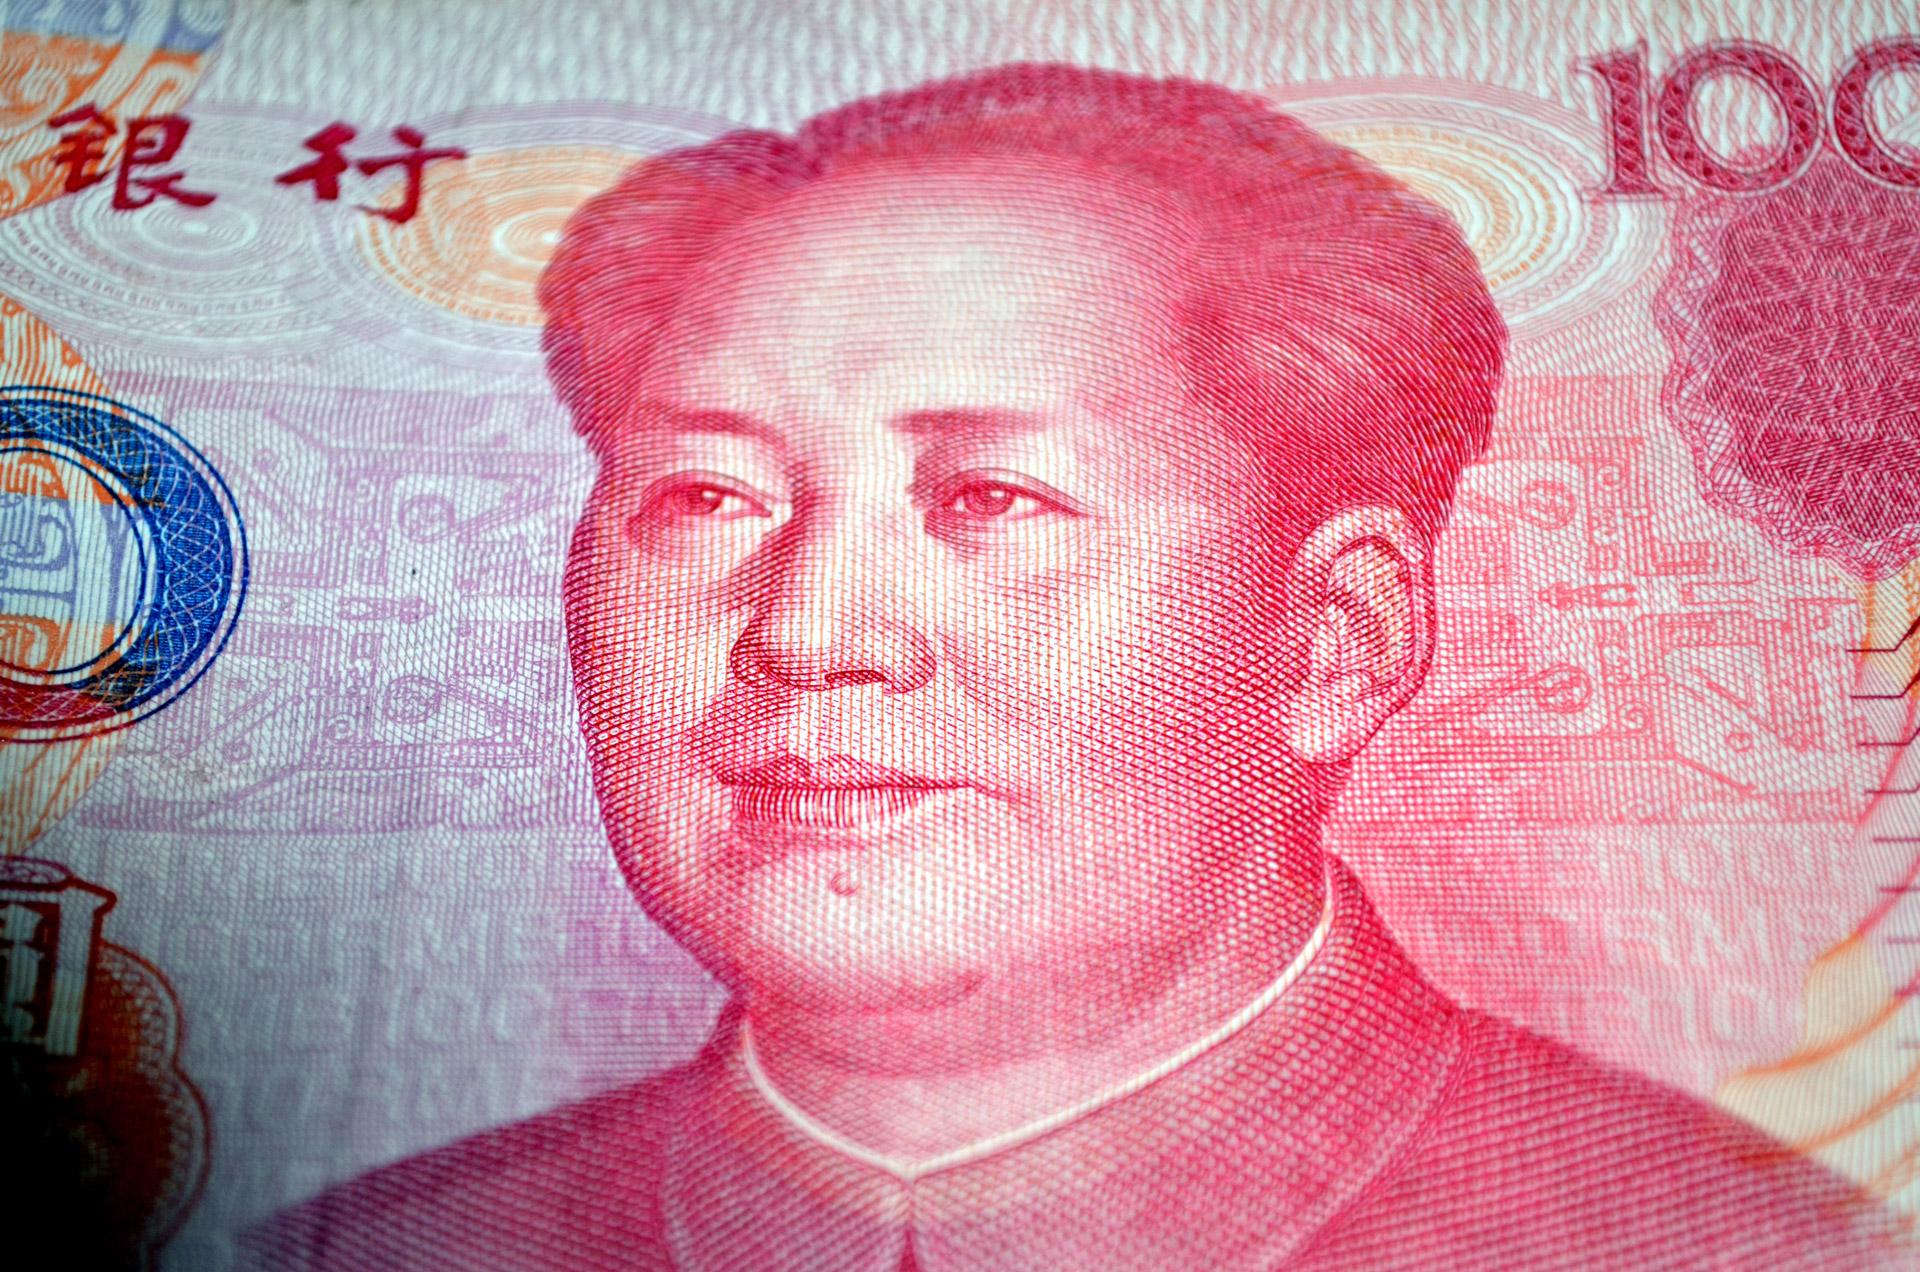 ماو تسي تونغ رئيس الصين خلال فترة المجاعة